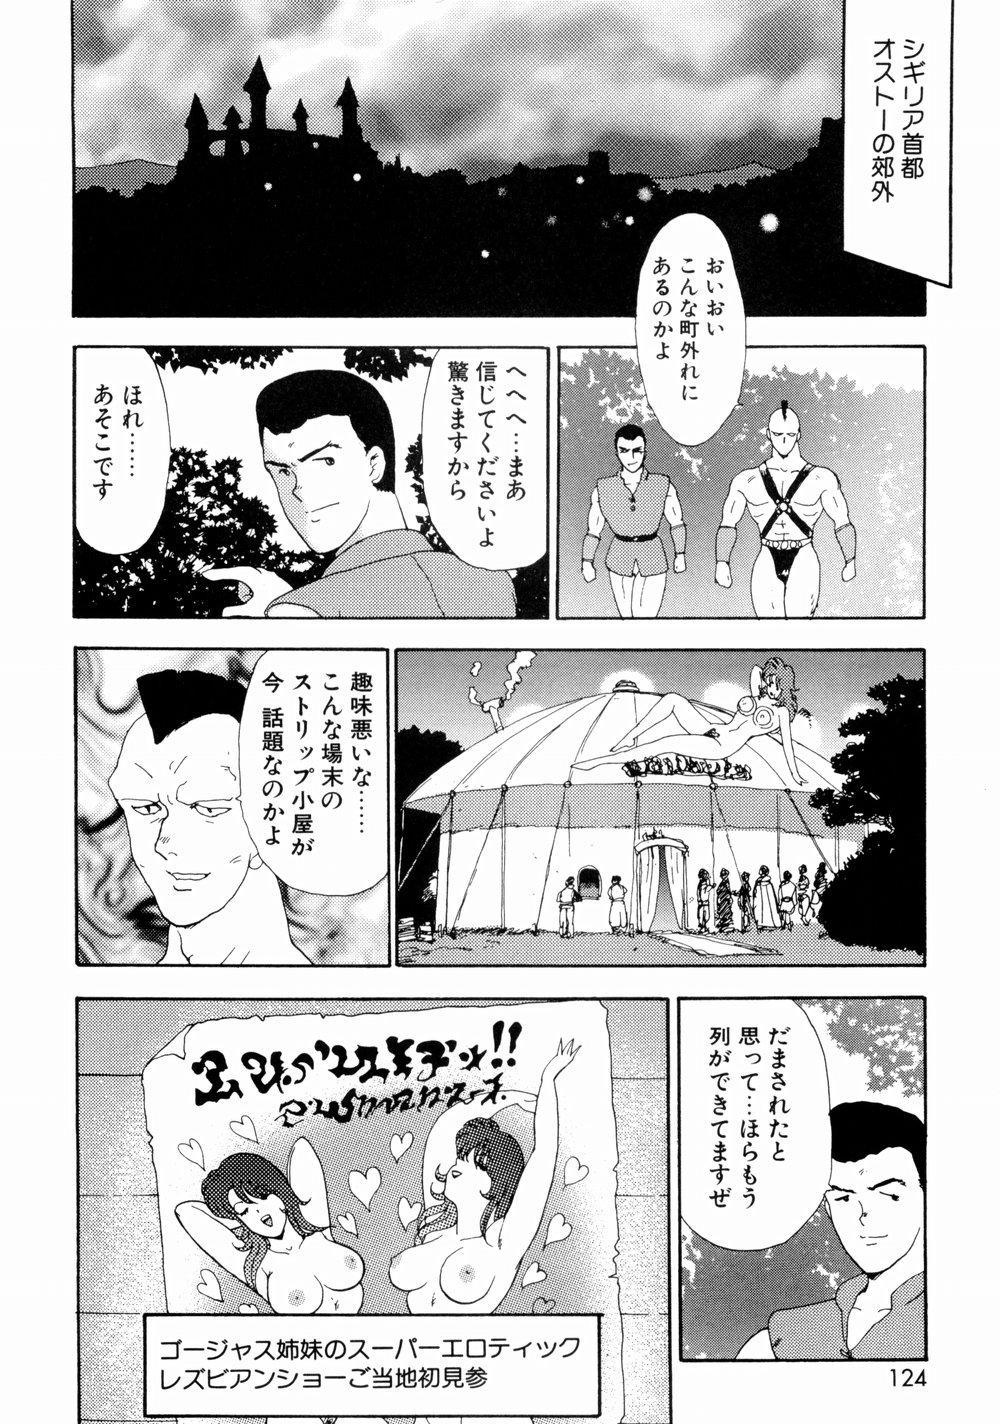 Kijyo Kanraku 125